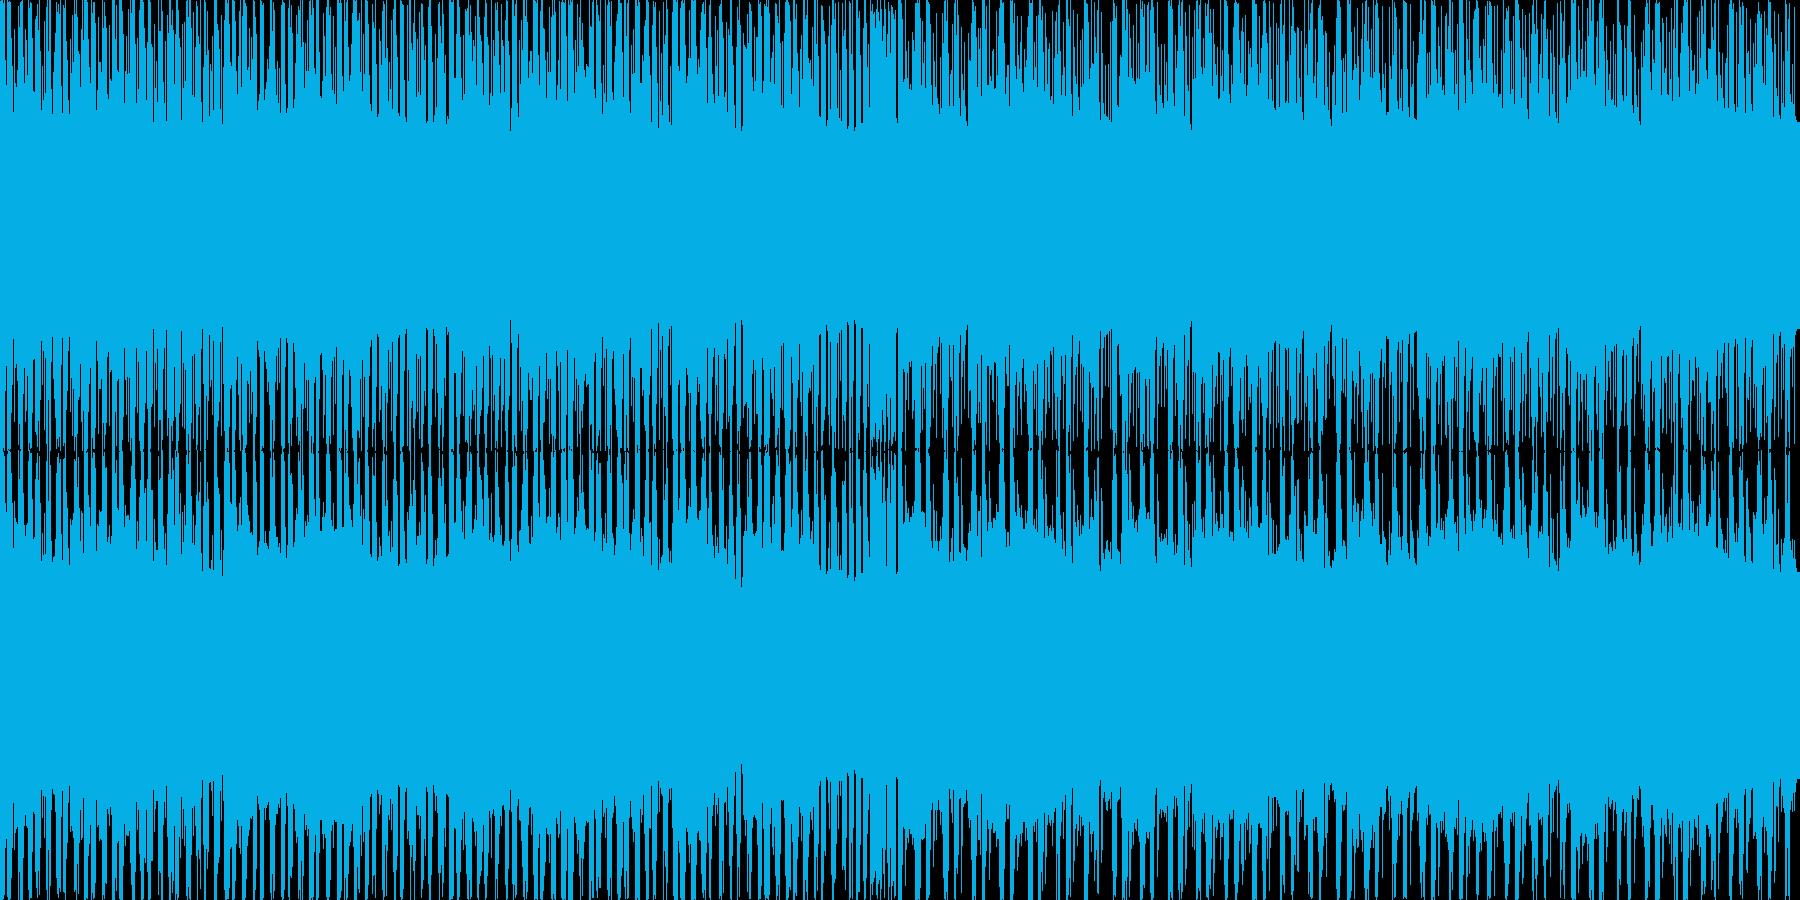 エレピがメインのレトロな雰囲気を持った…の再生済みの波形